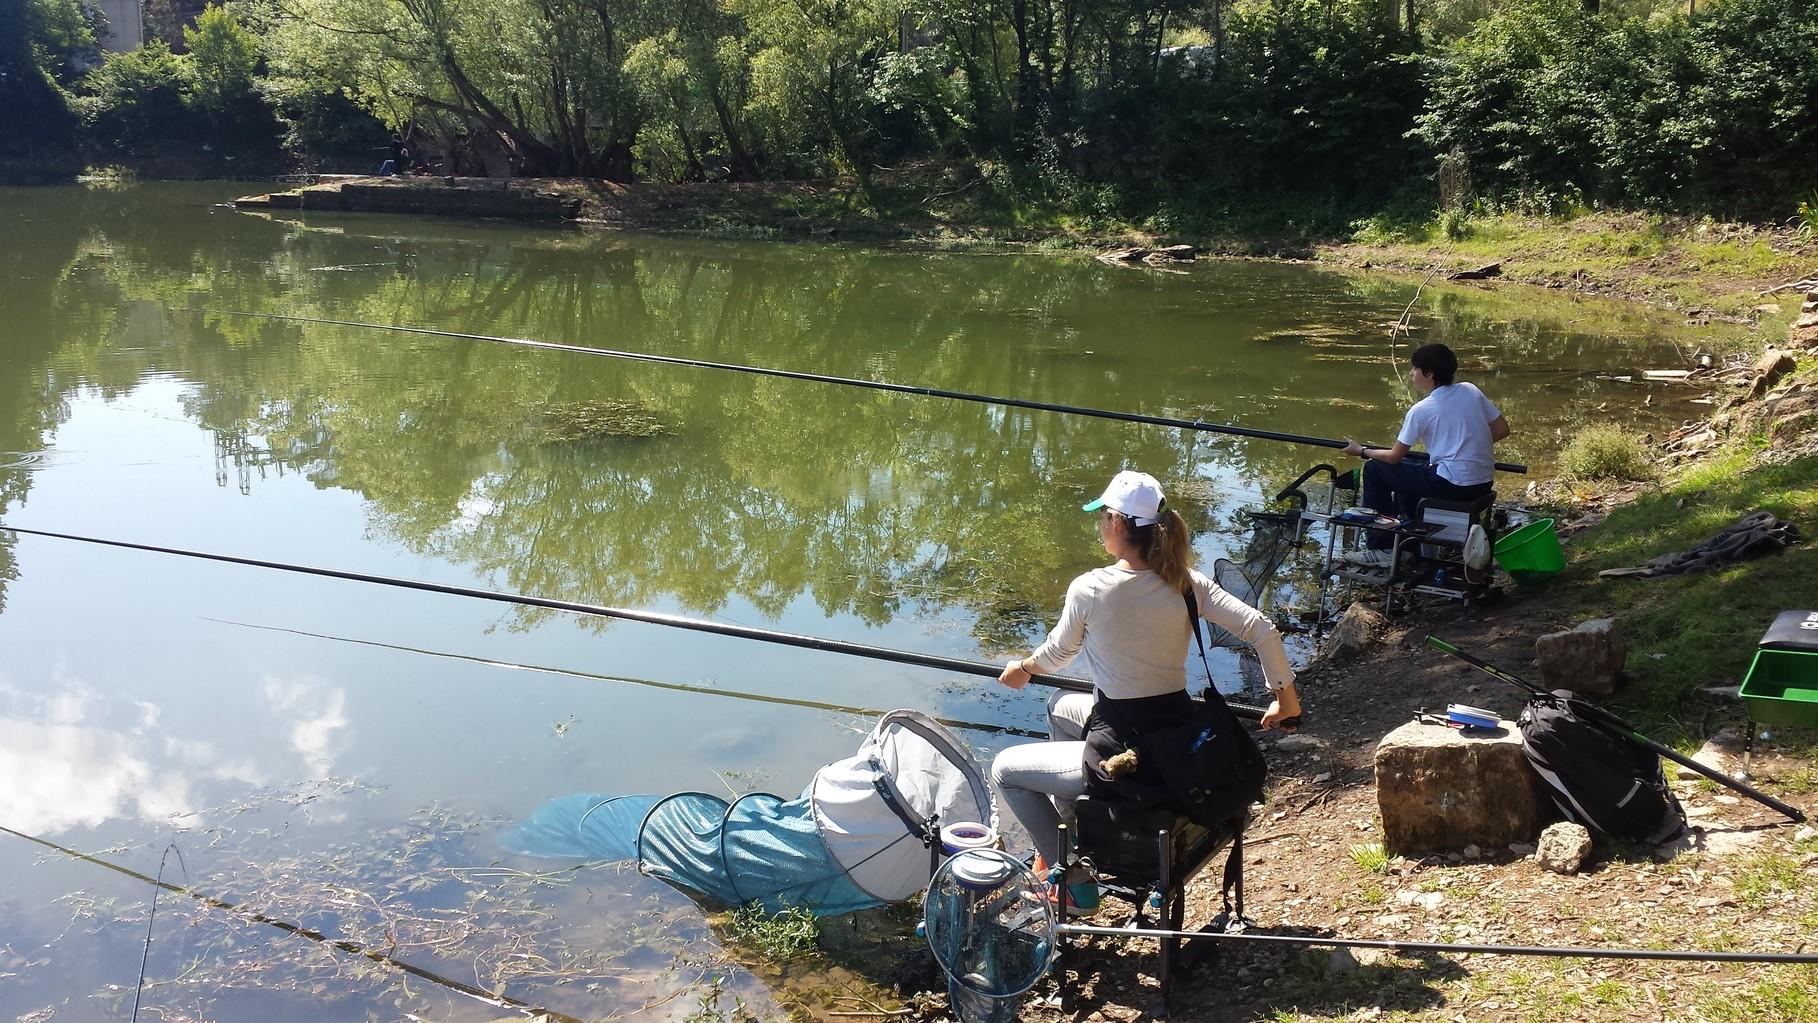 Ici une maman et son fils apprennent les bases de la pêche au coup.